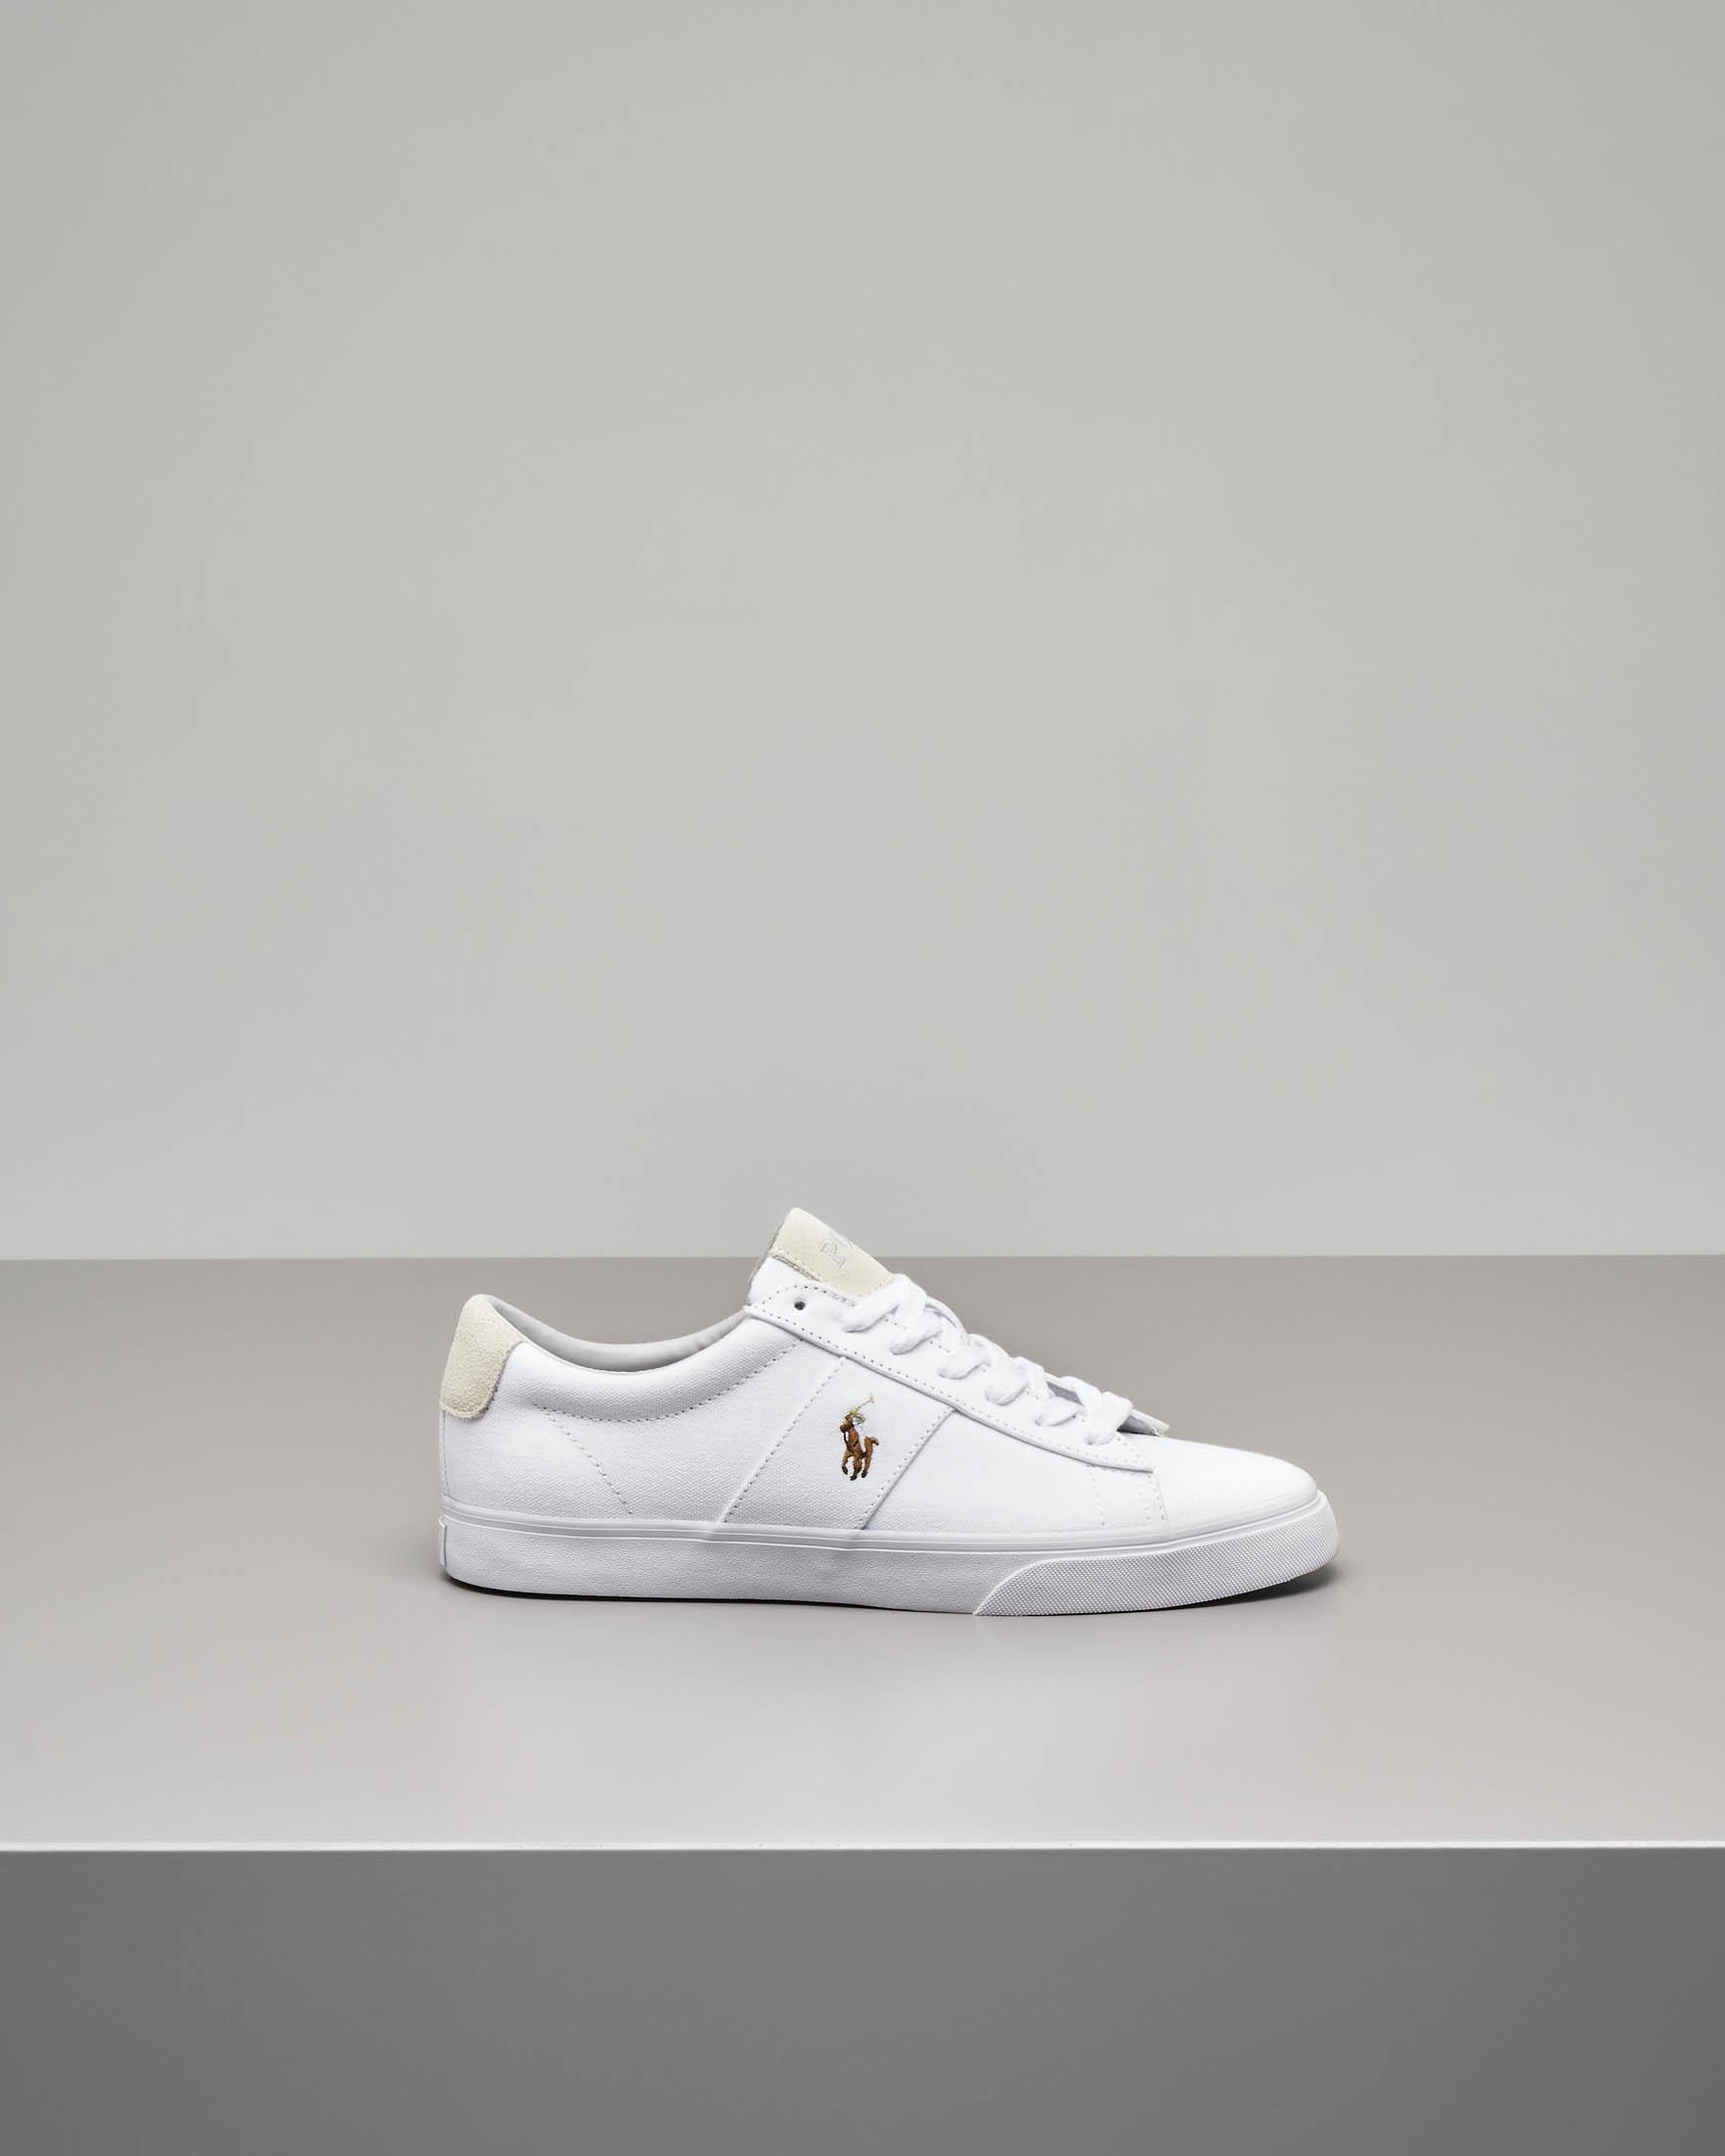 ade4e0963878d4 Sneakers Sayer bianche in tela | Pellizzari E-commerce